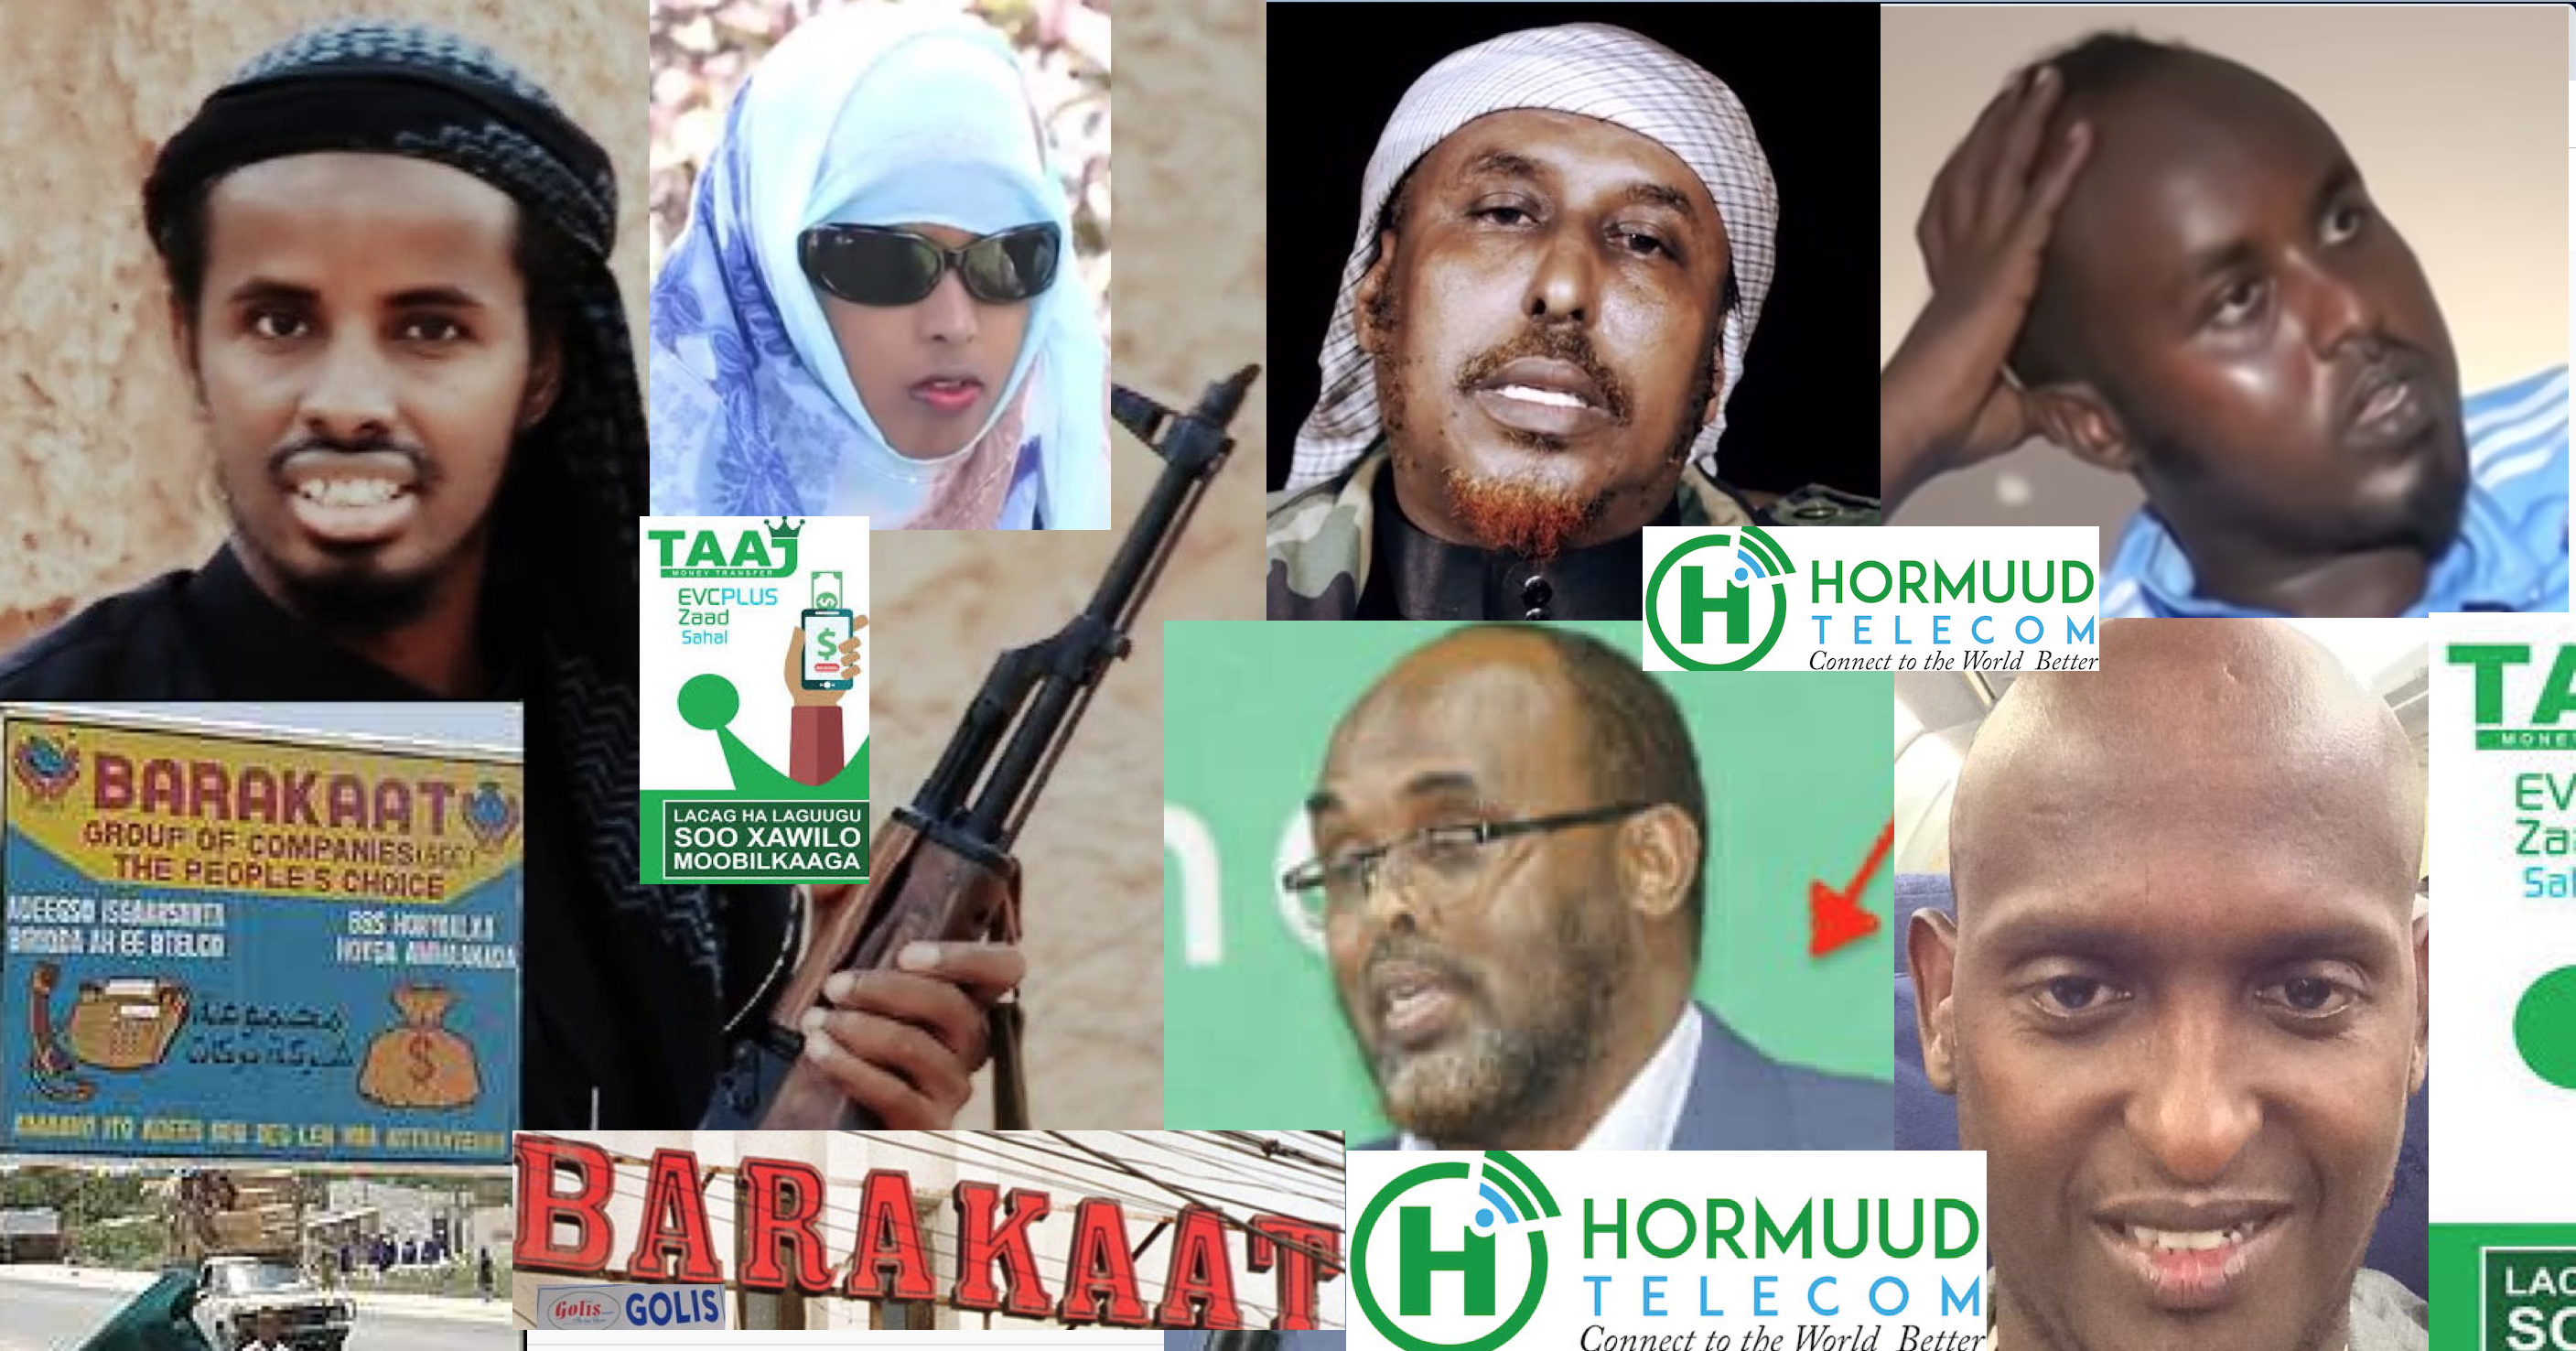 Saraakiisha sare ee Al-Shabaab iyo kuwa isqarxiya maxeey u wada yihiin maamulkii Al-Barakaat?